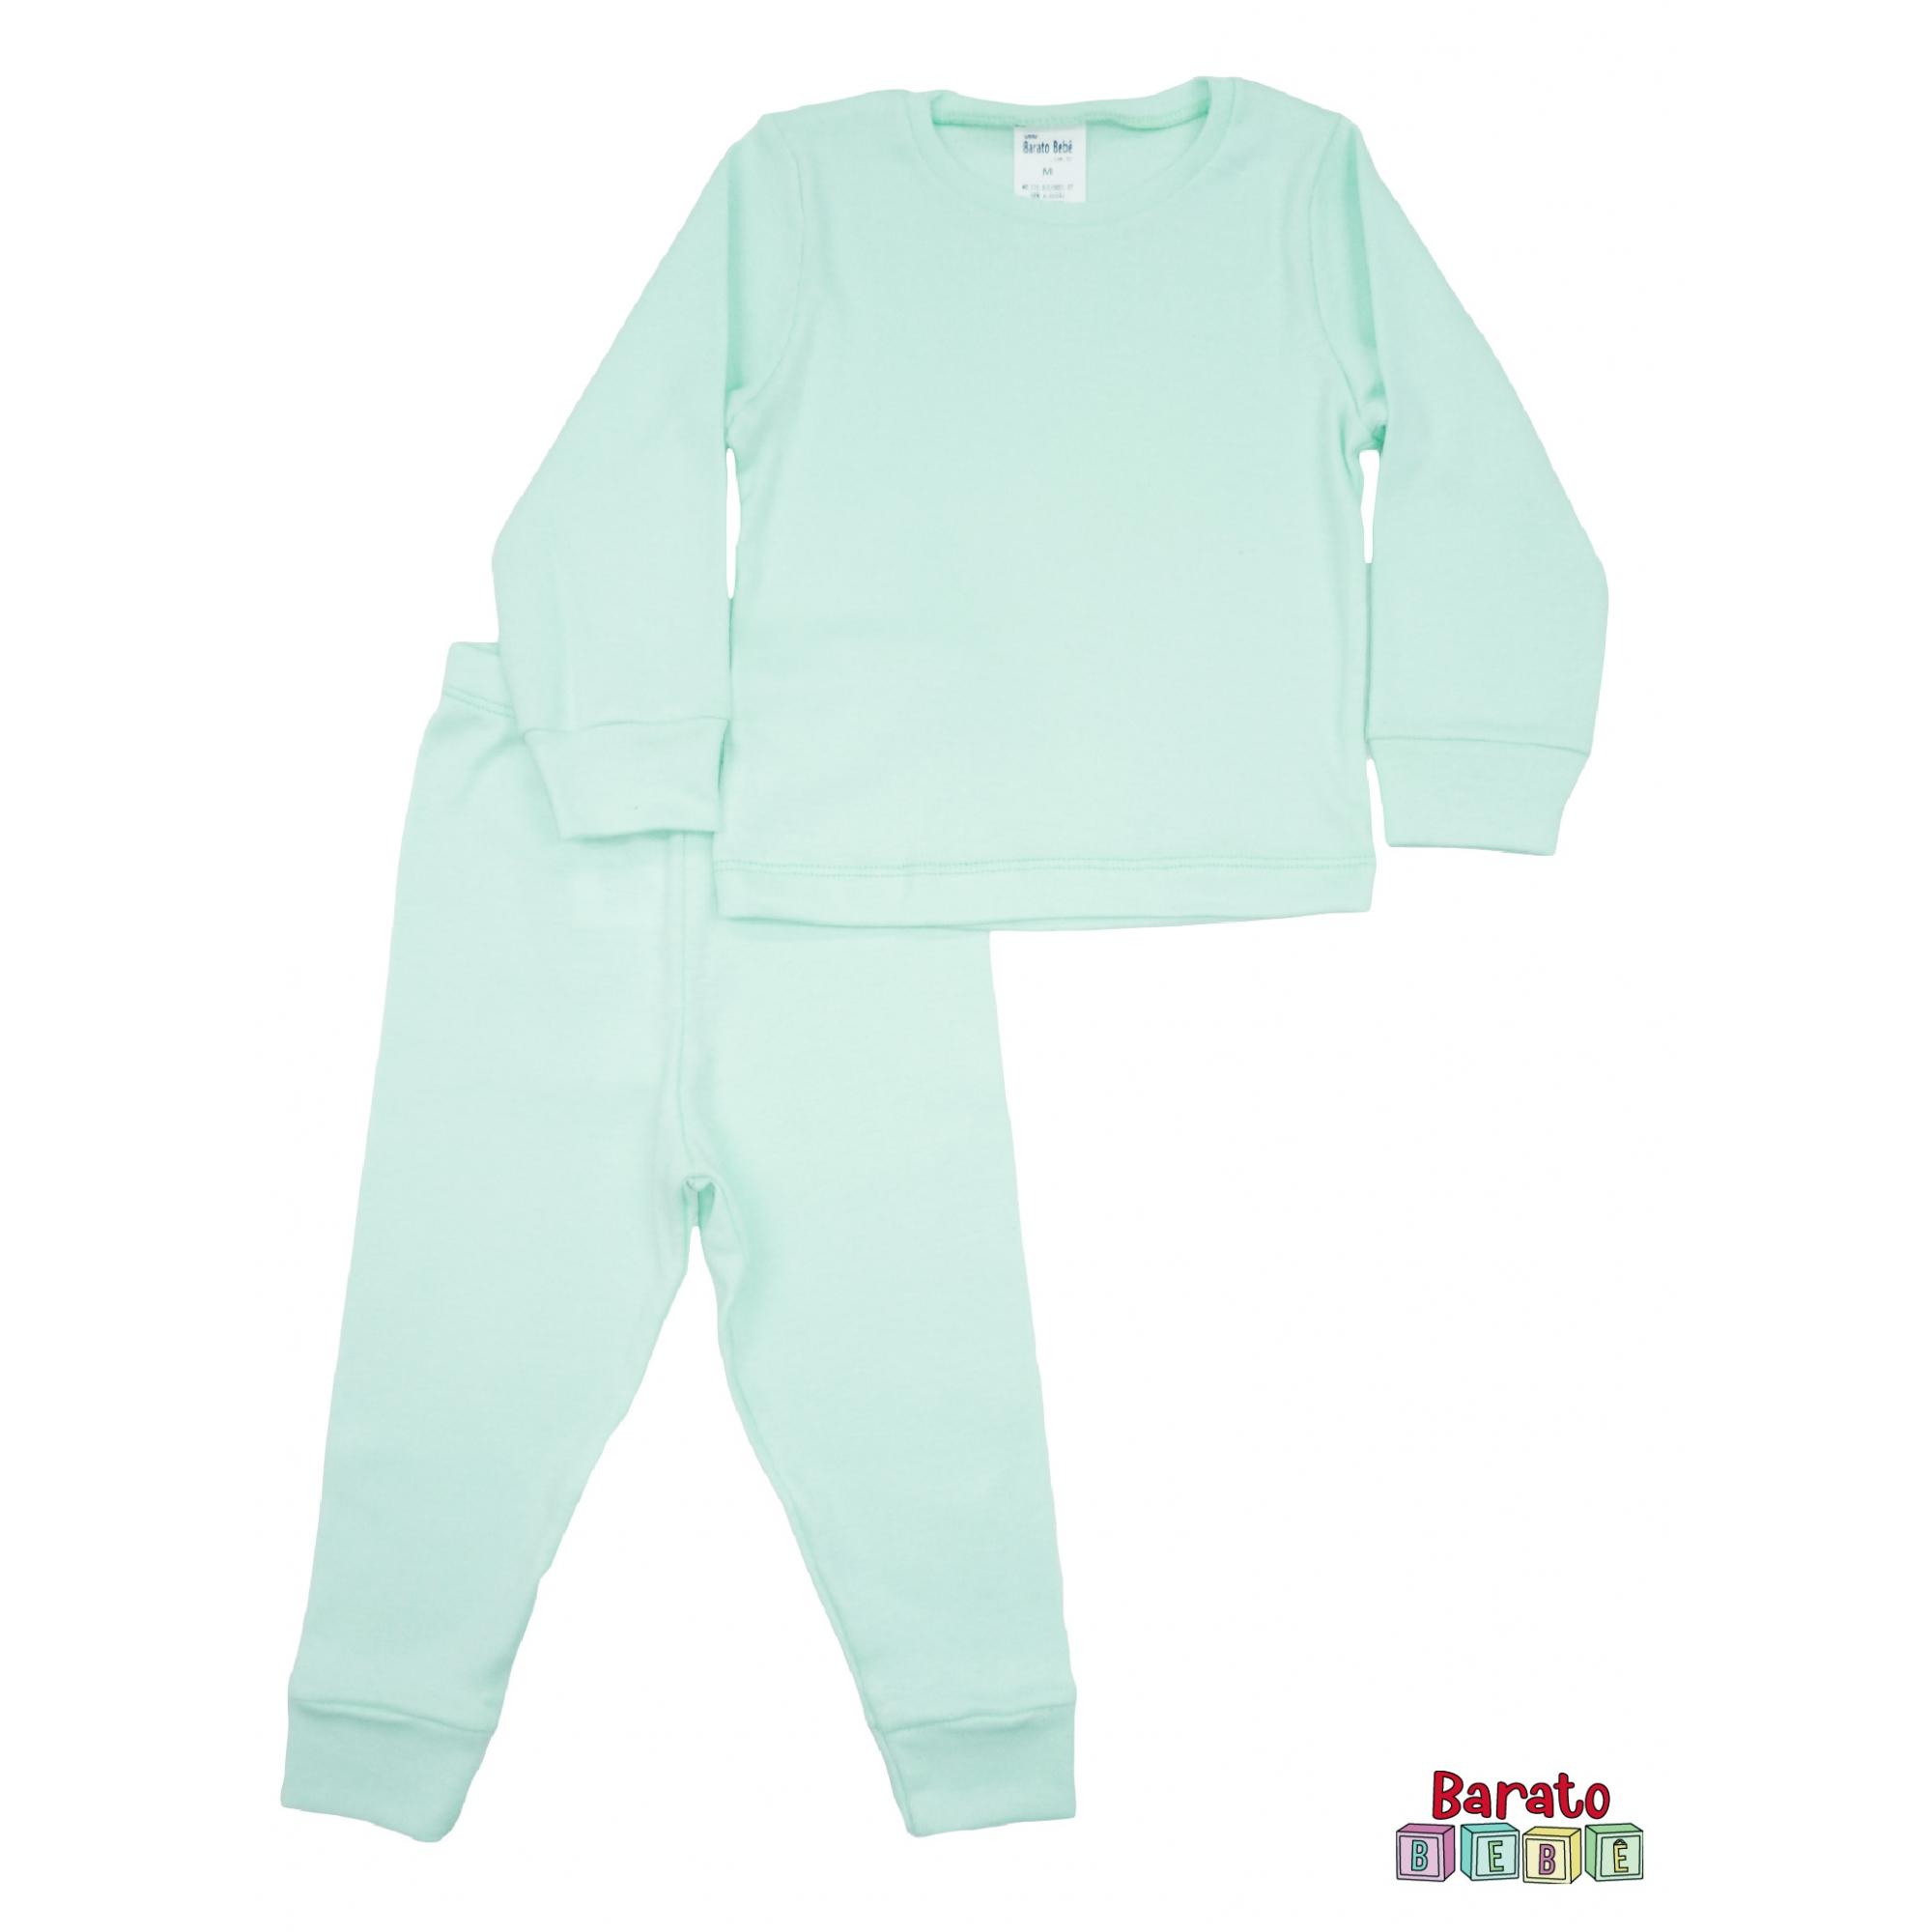 Conjunto Pijama Longo Bebê (P-M-G-GG)- Barato Bebê - Verde Agua - Liso